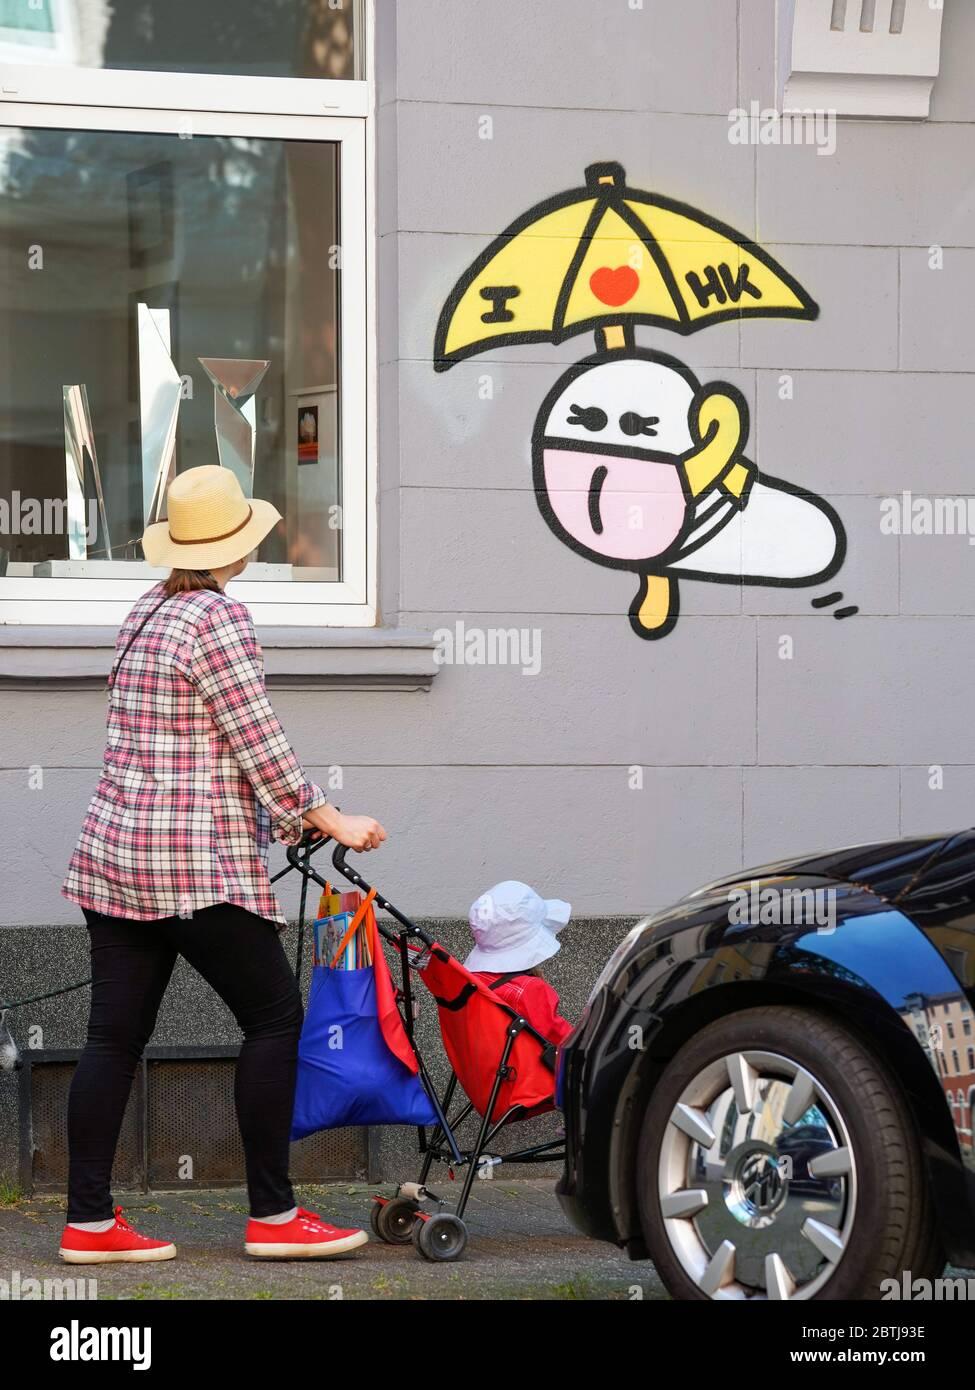 Dortmund, 26. Mai 2020: Maskenwürmer. Seit Ausbruch der Koronakrise im März 2020 sind kleine Corona-Virus-Graffiti mit Mundmaske eines unbekannten Sprayers an vielen Hauswänden in Dortmund zu sehen. --- Dortmund, 26.05.2020: Maskenwürmchen. Seit Ausbruch der Corona-Rise im März 2020 sind kleine Coronaviren-Graffitis mit Mundschutz eines unbekannten Sprayers an vielen Hauswänden in Dortmund zu sehen. Stockfoto